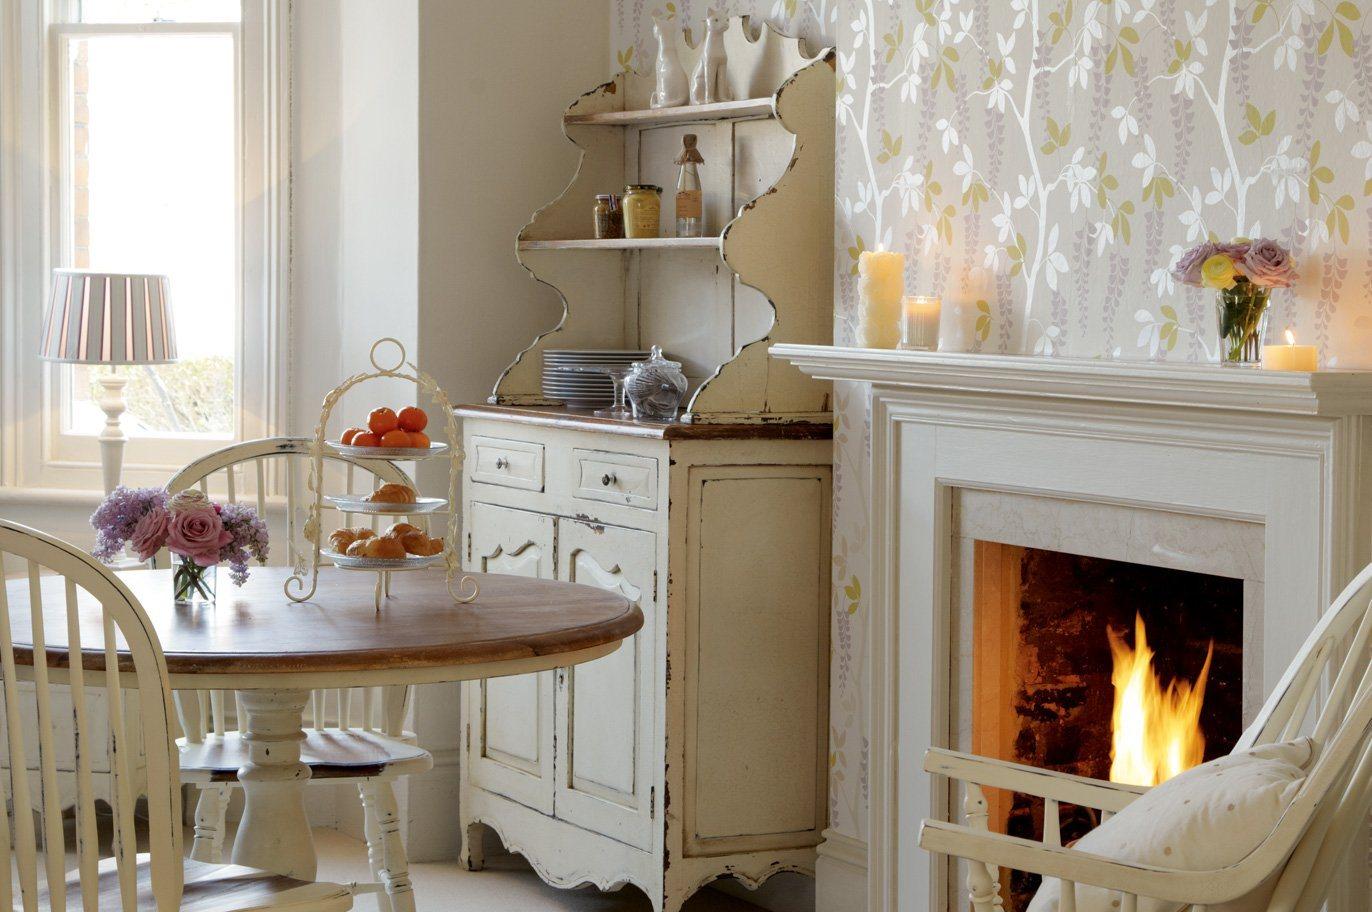 Móveis para uma cozinha de estilo inglês. Decoração da casa. #C18C0A 1372 912